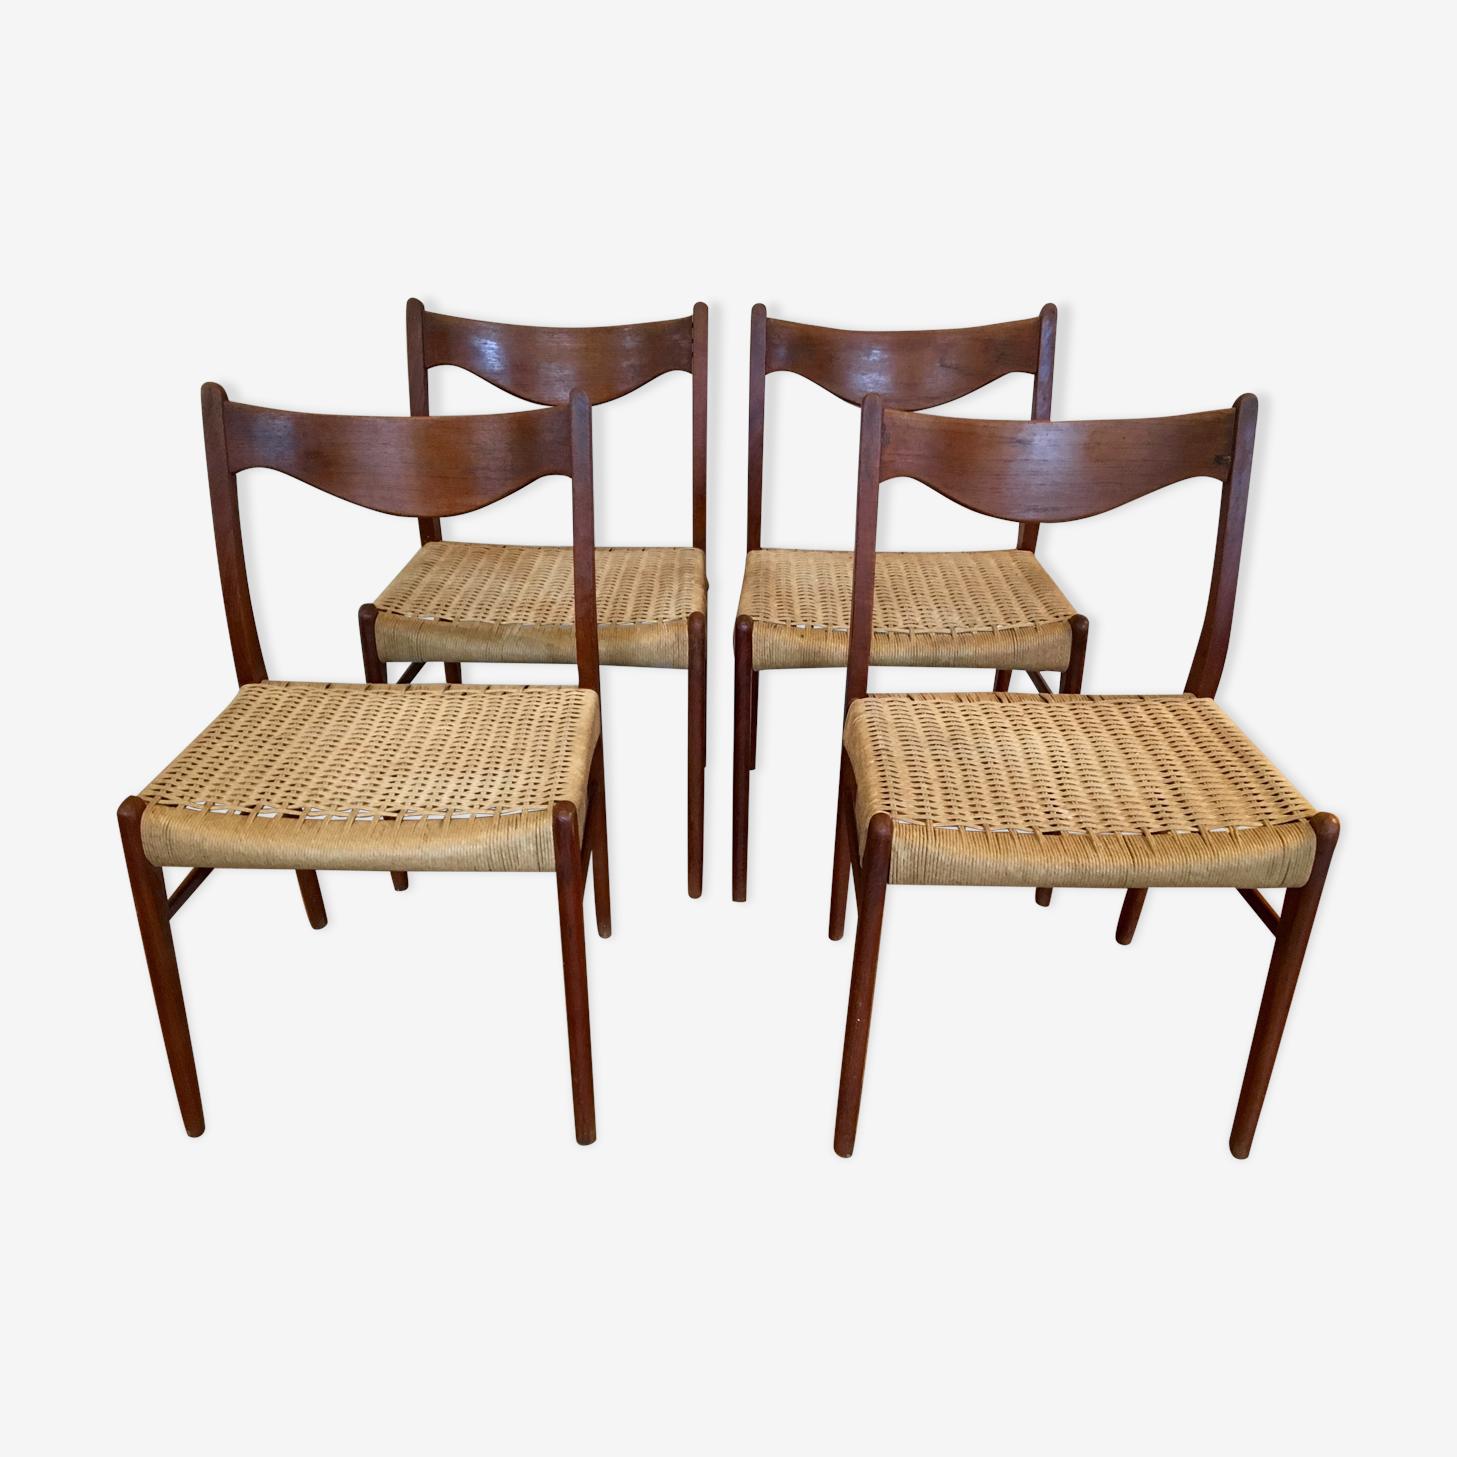 Suite de 4 chaises en teck et corde, Glyngore Stolefabrik